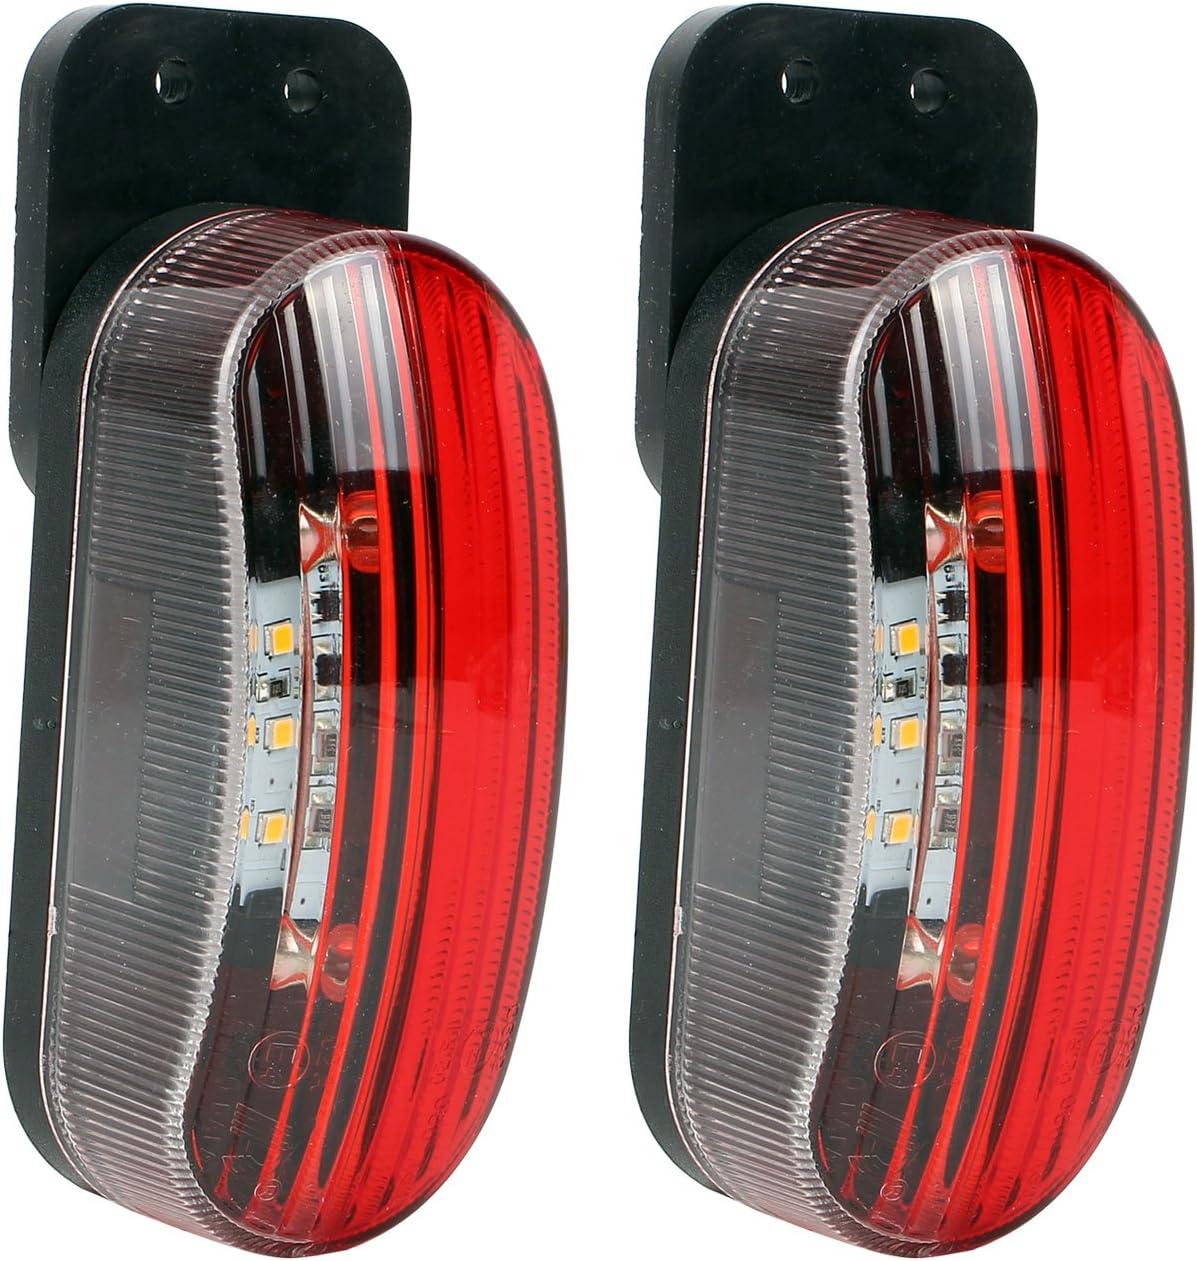 Umrissleuchte Led 12v Begrenzungsleuchte 2er Set Rot Weiß 98x42x38 Mm 12 24 Volt 2 Watt 6 Led Für Wohnmobil Wohnwagen Und Anhänger Auto